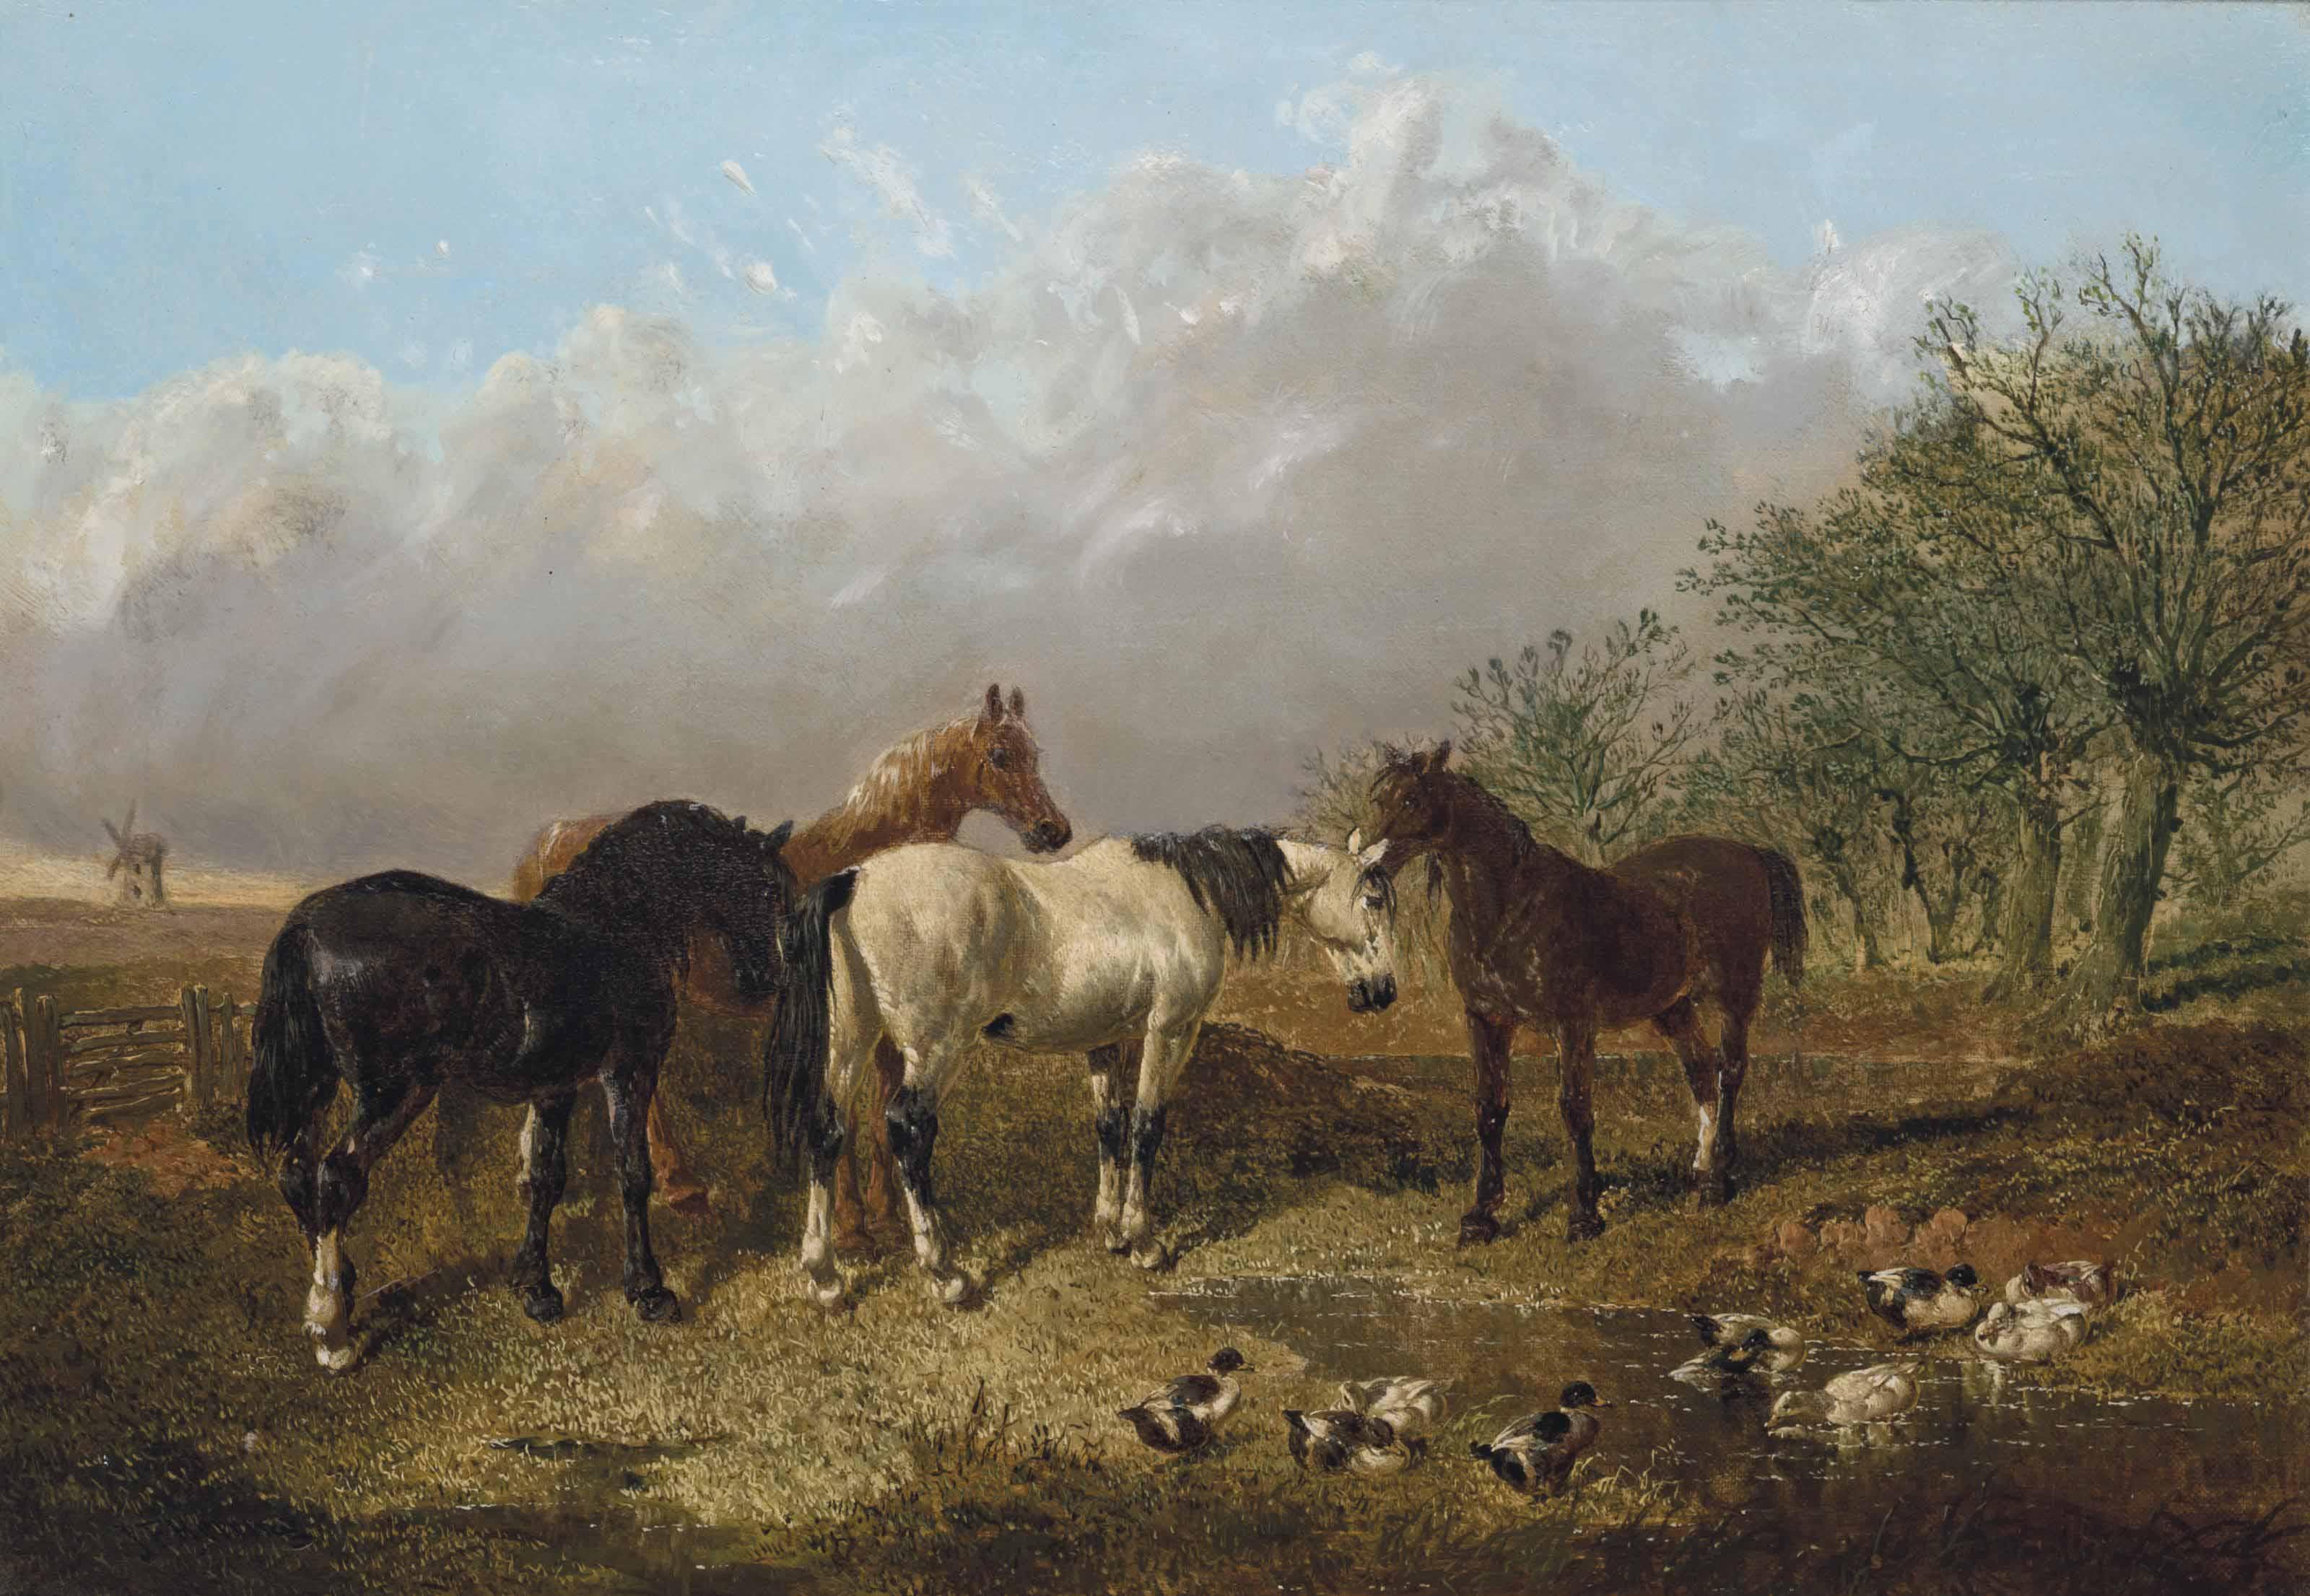 John Frederick Herring, Jnr. (1815-1907)